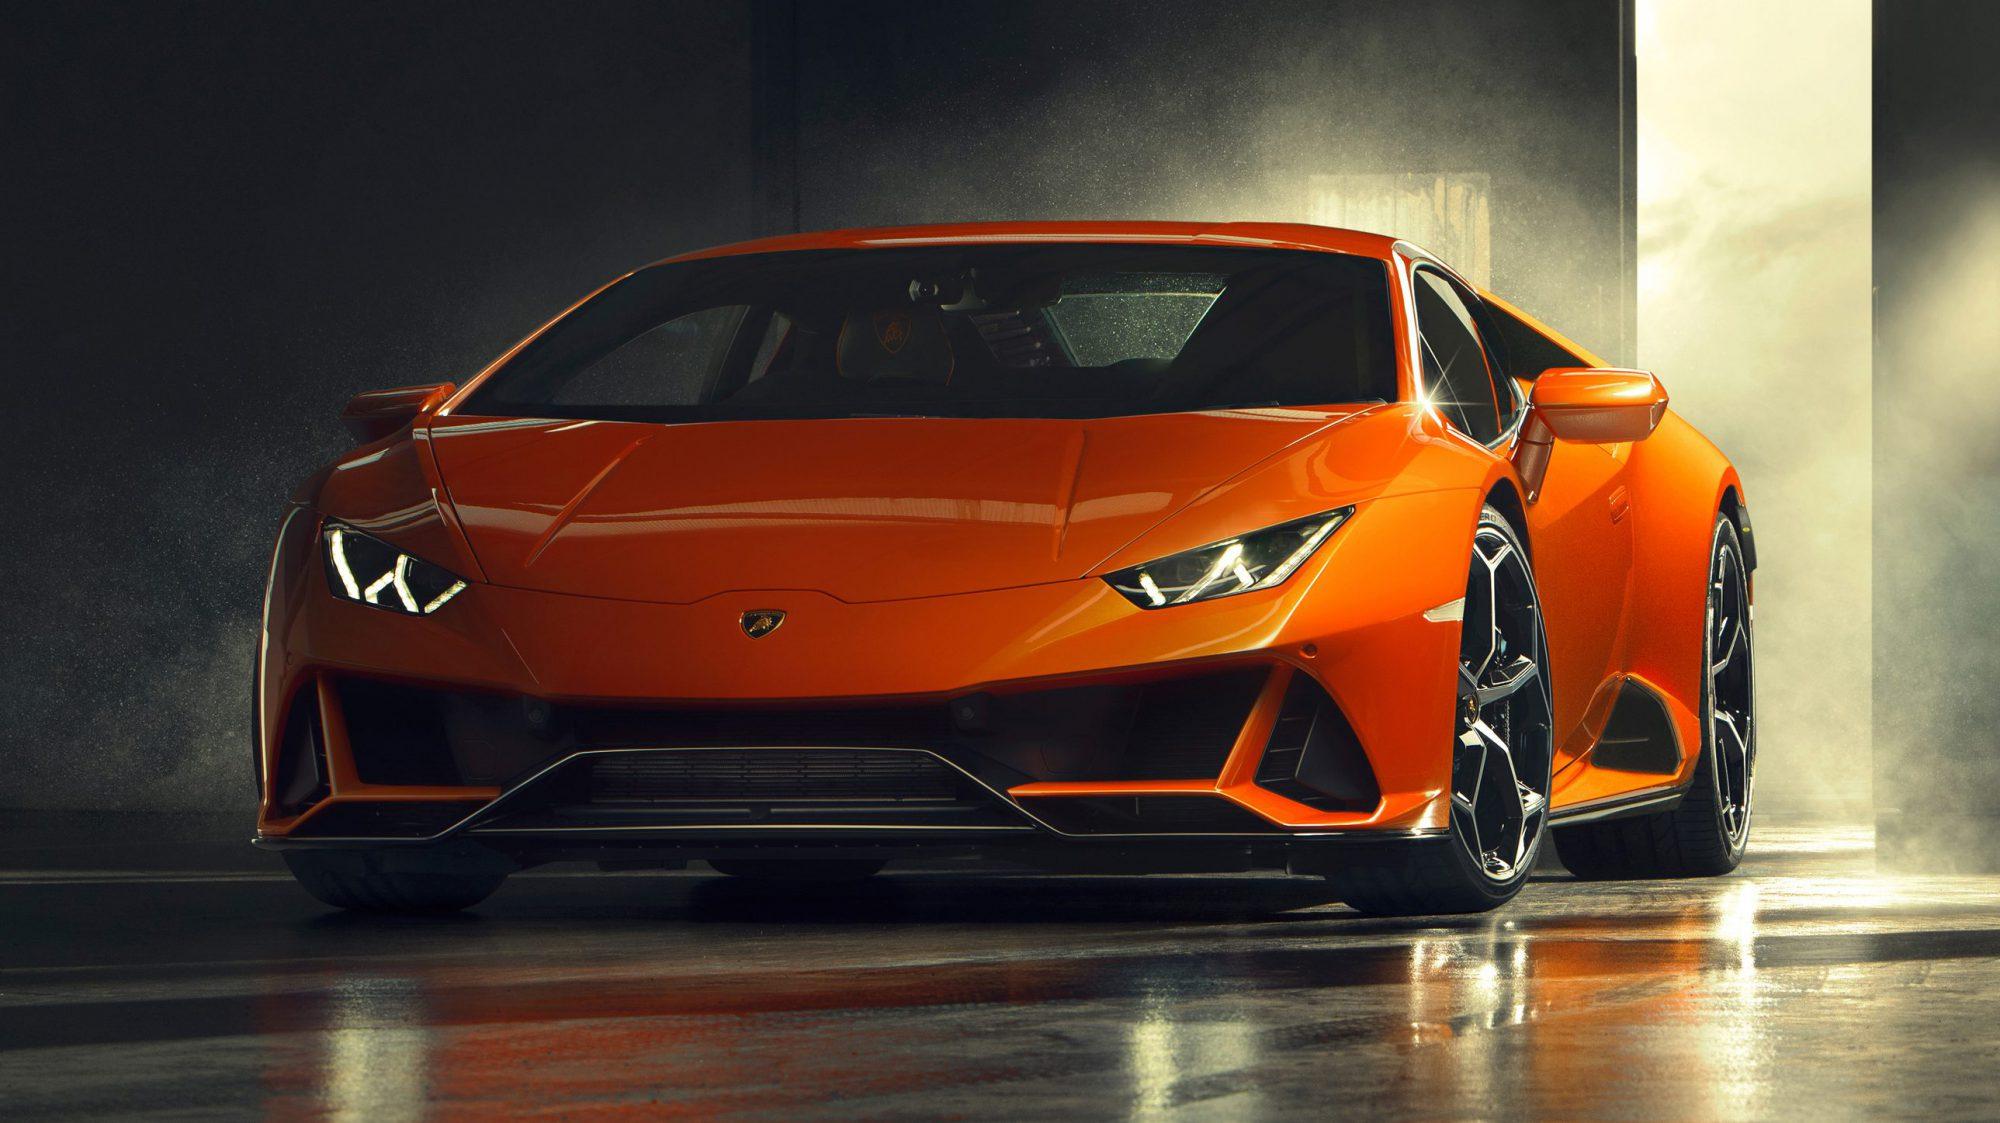 Lamborghini Huracán Evo_Lenken